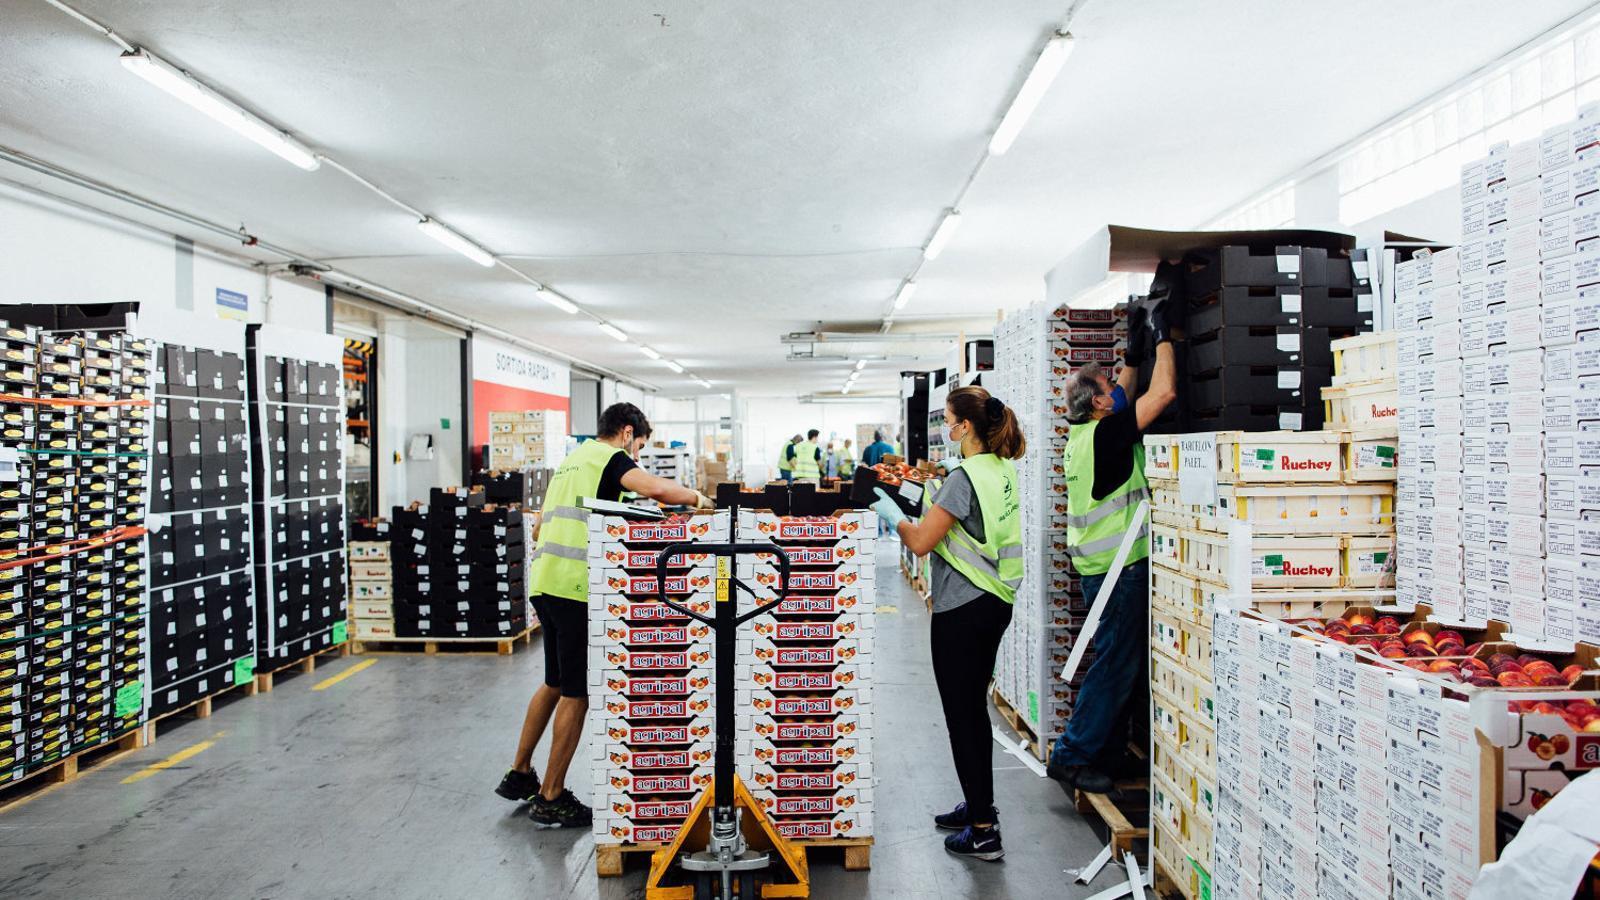 Voluntaris del Banc dels Aliments treballant en el repartiment de caixes de menjar.